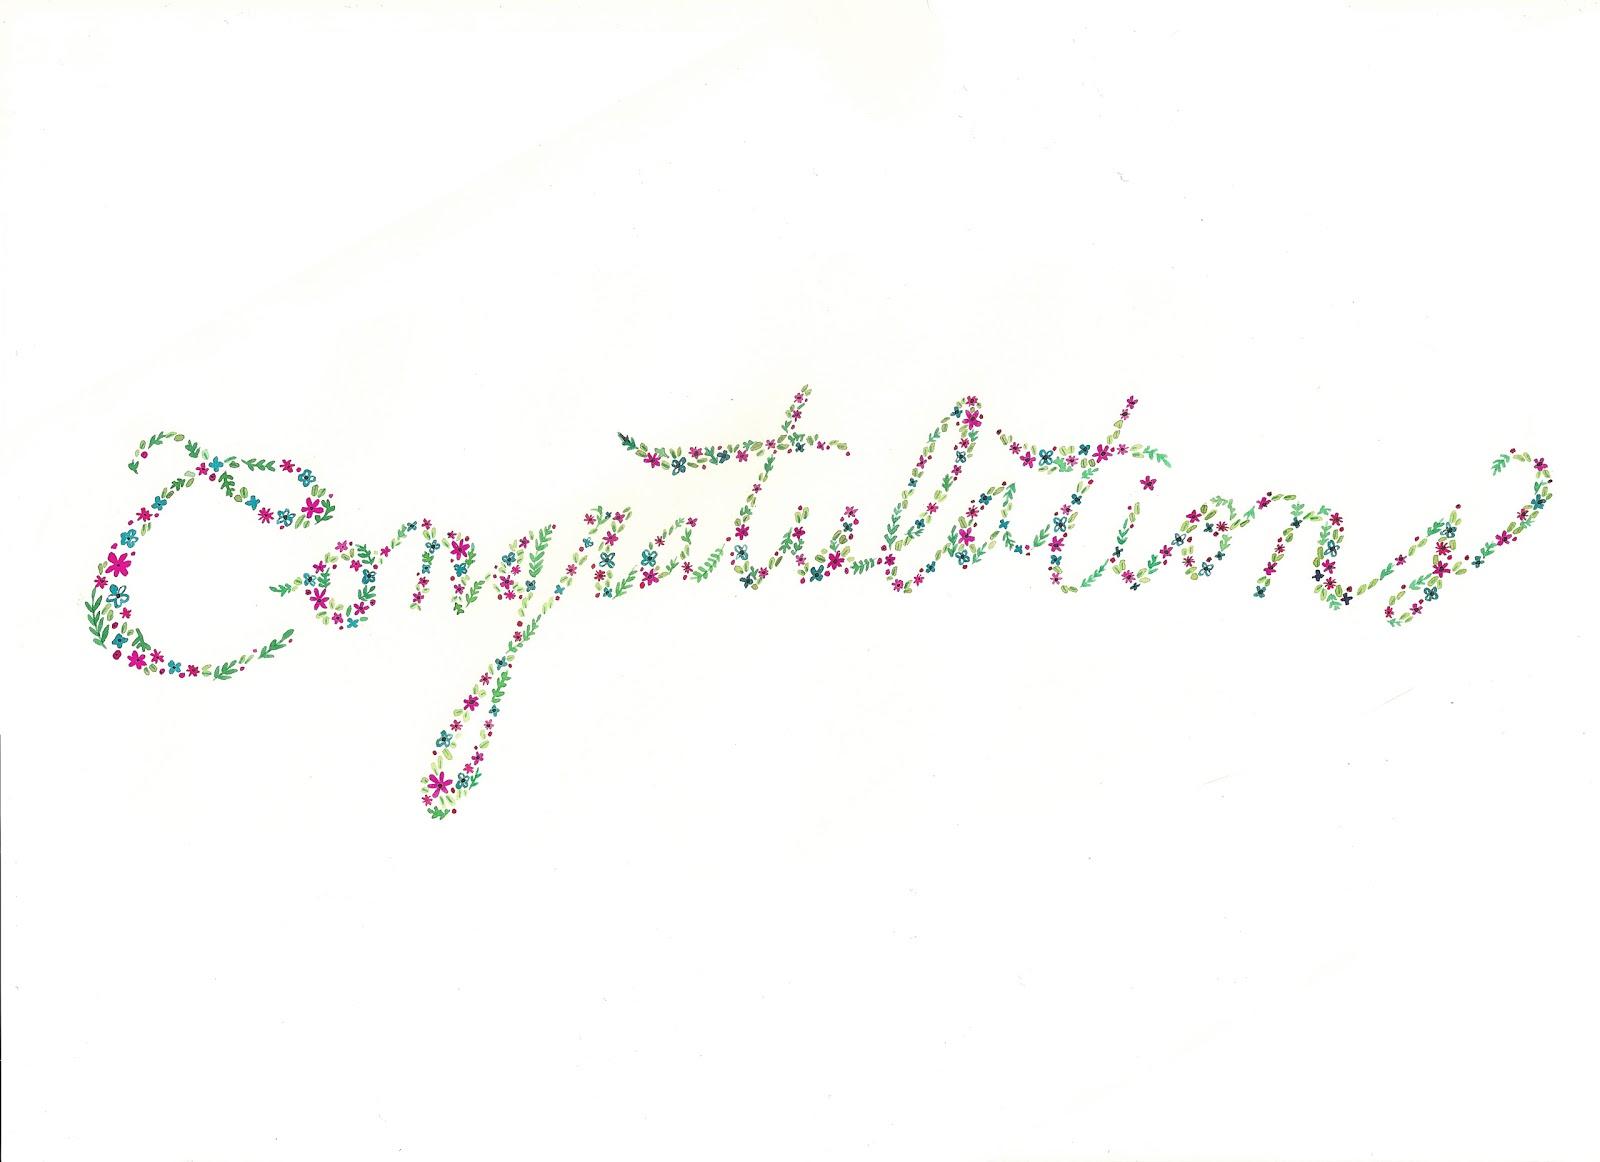 http://1.bp.blogspot.com/-fZ4HCgFGtZM/Tac6ocZIkiI/AAAAAAAAASk/88epTwcpo9w/s1600/congrats%2Bfloral%2Borginal.jpg